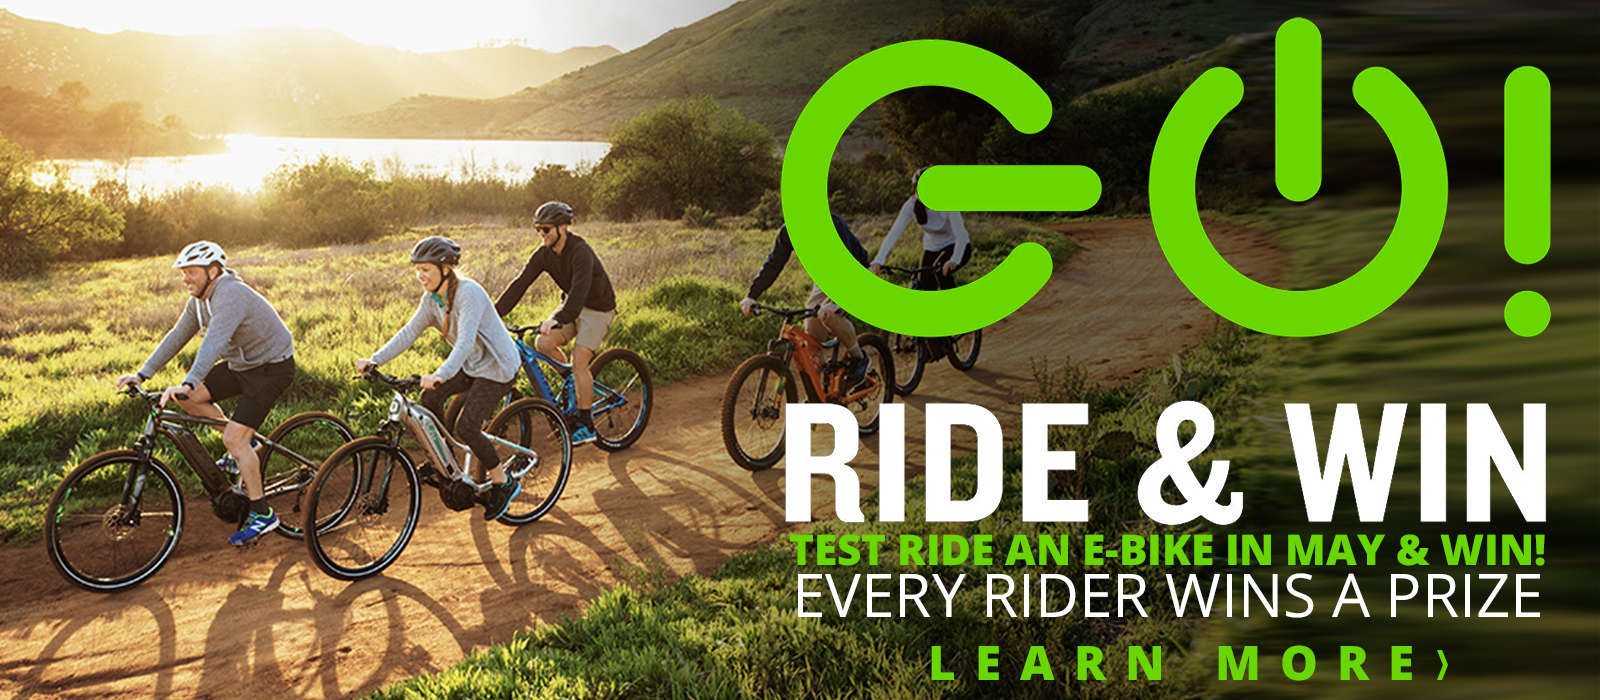 E bike ride and win